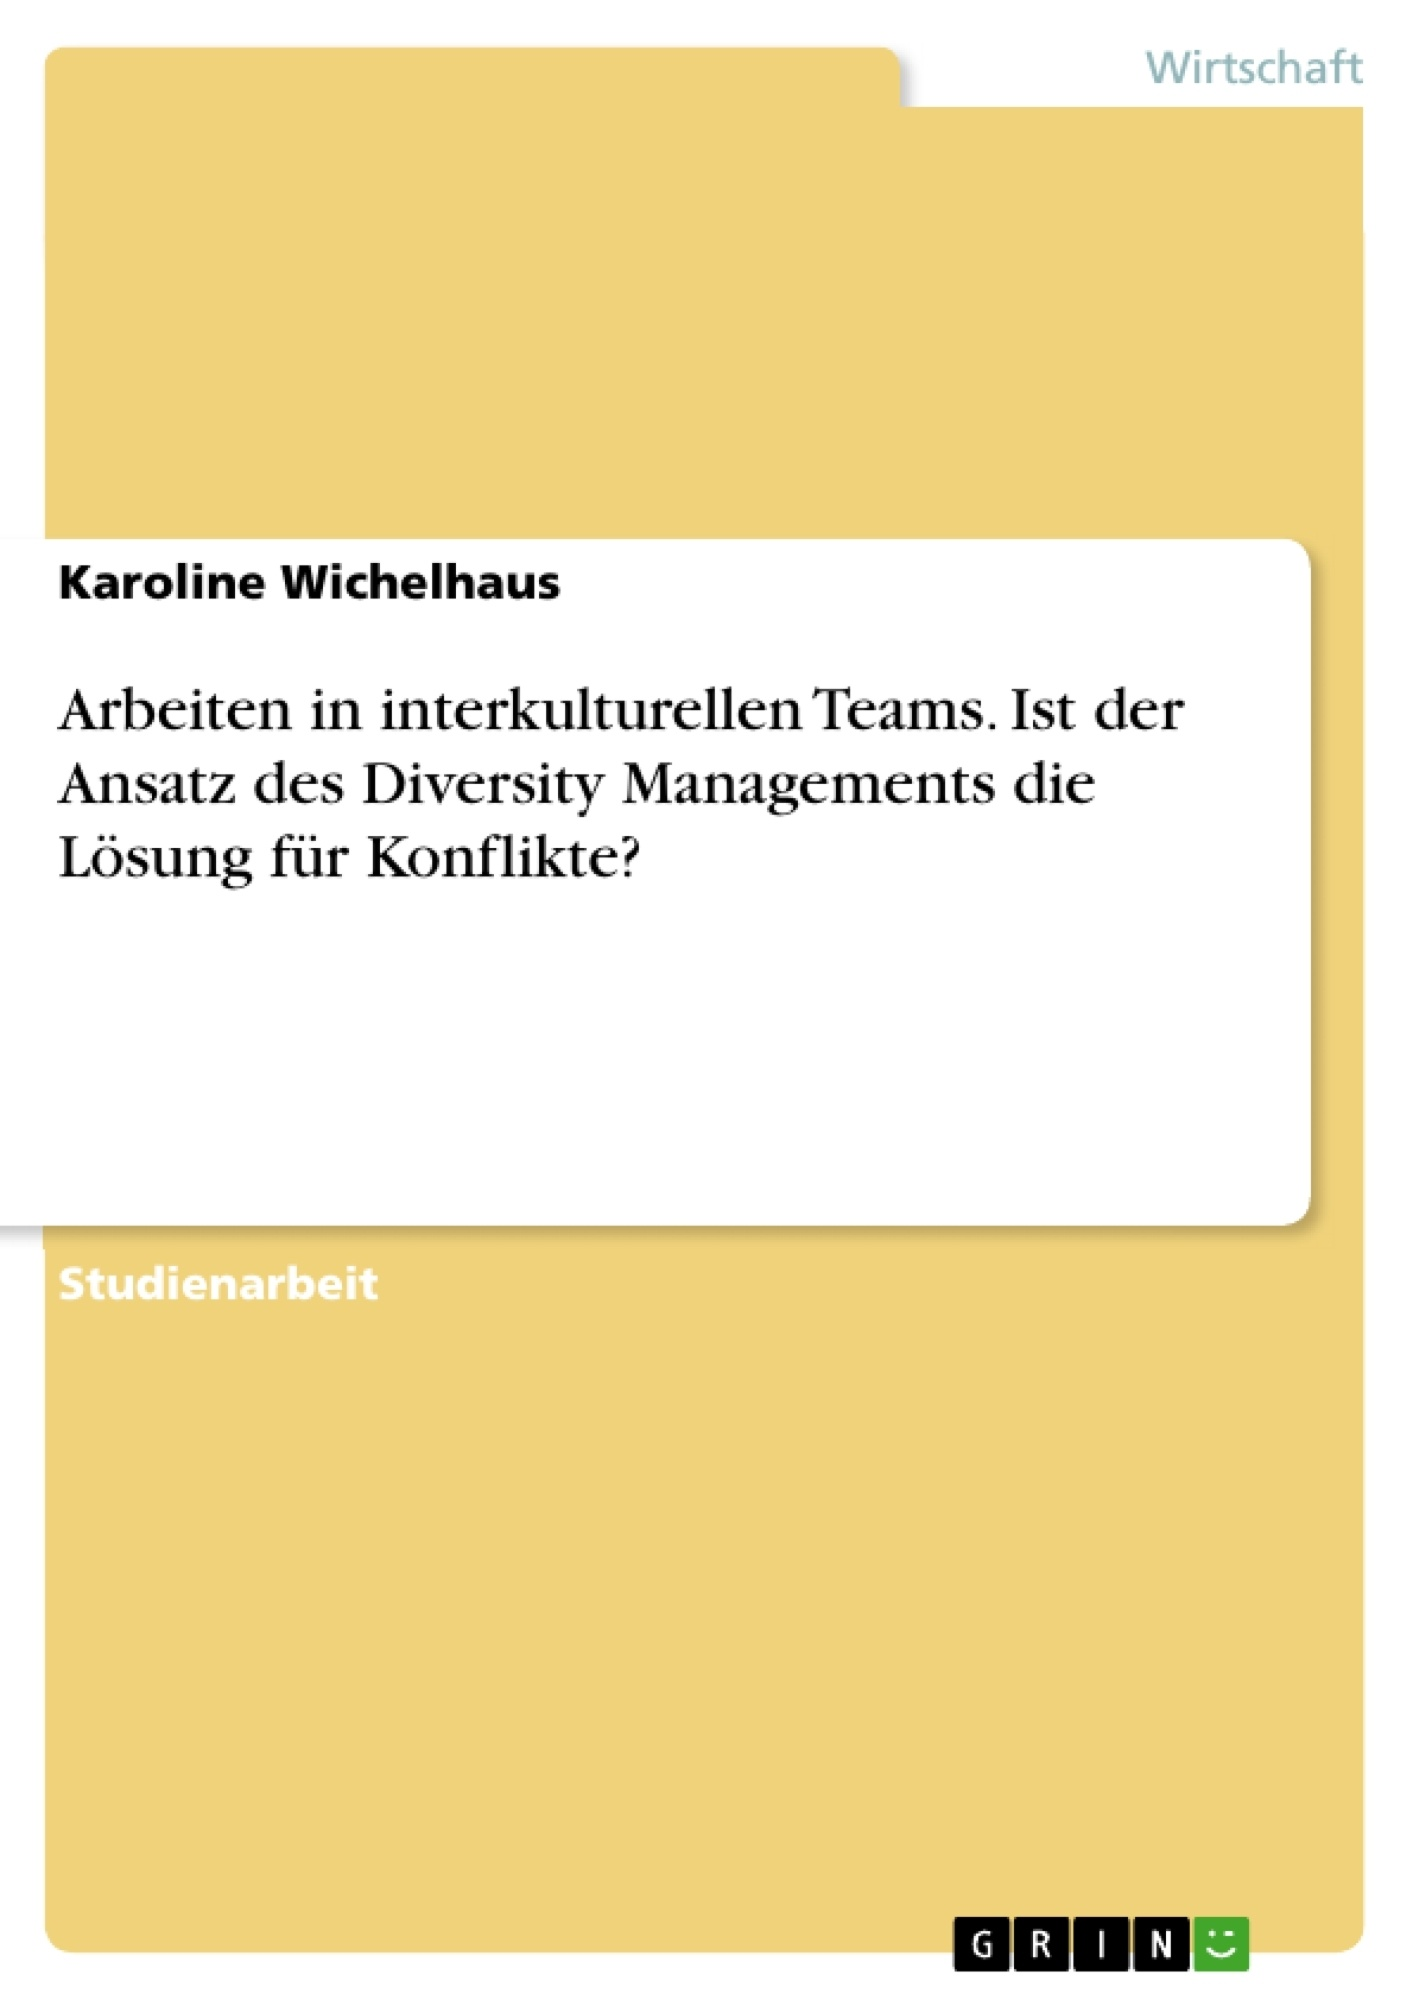 Titel: Arbeiten in interkulturellen Teams. Ist der Ansatz des Diversity Managements die Lösung für Konflikte?